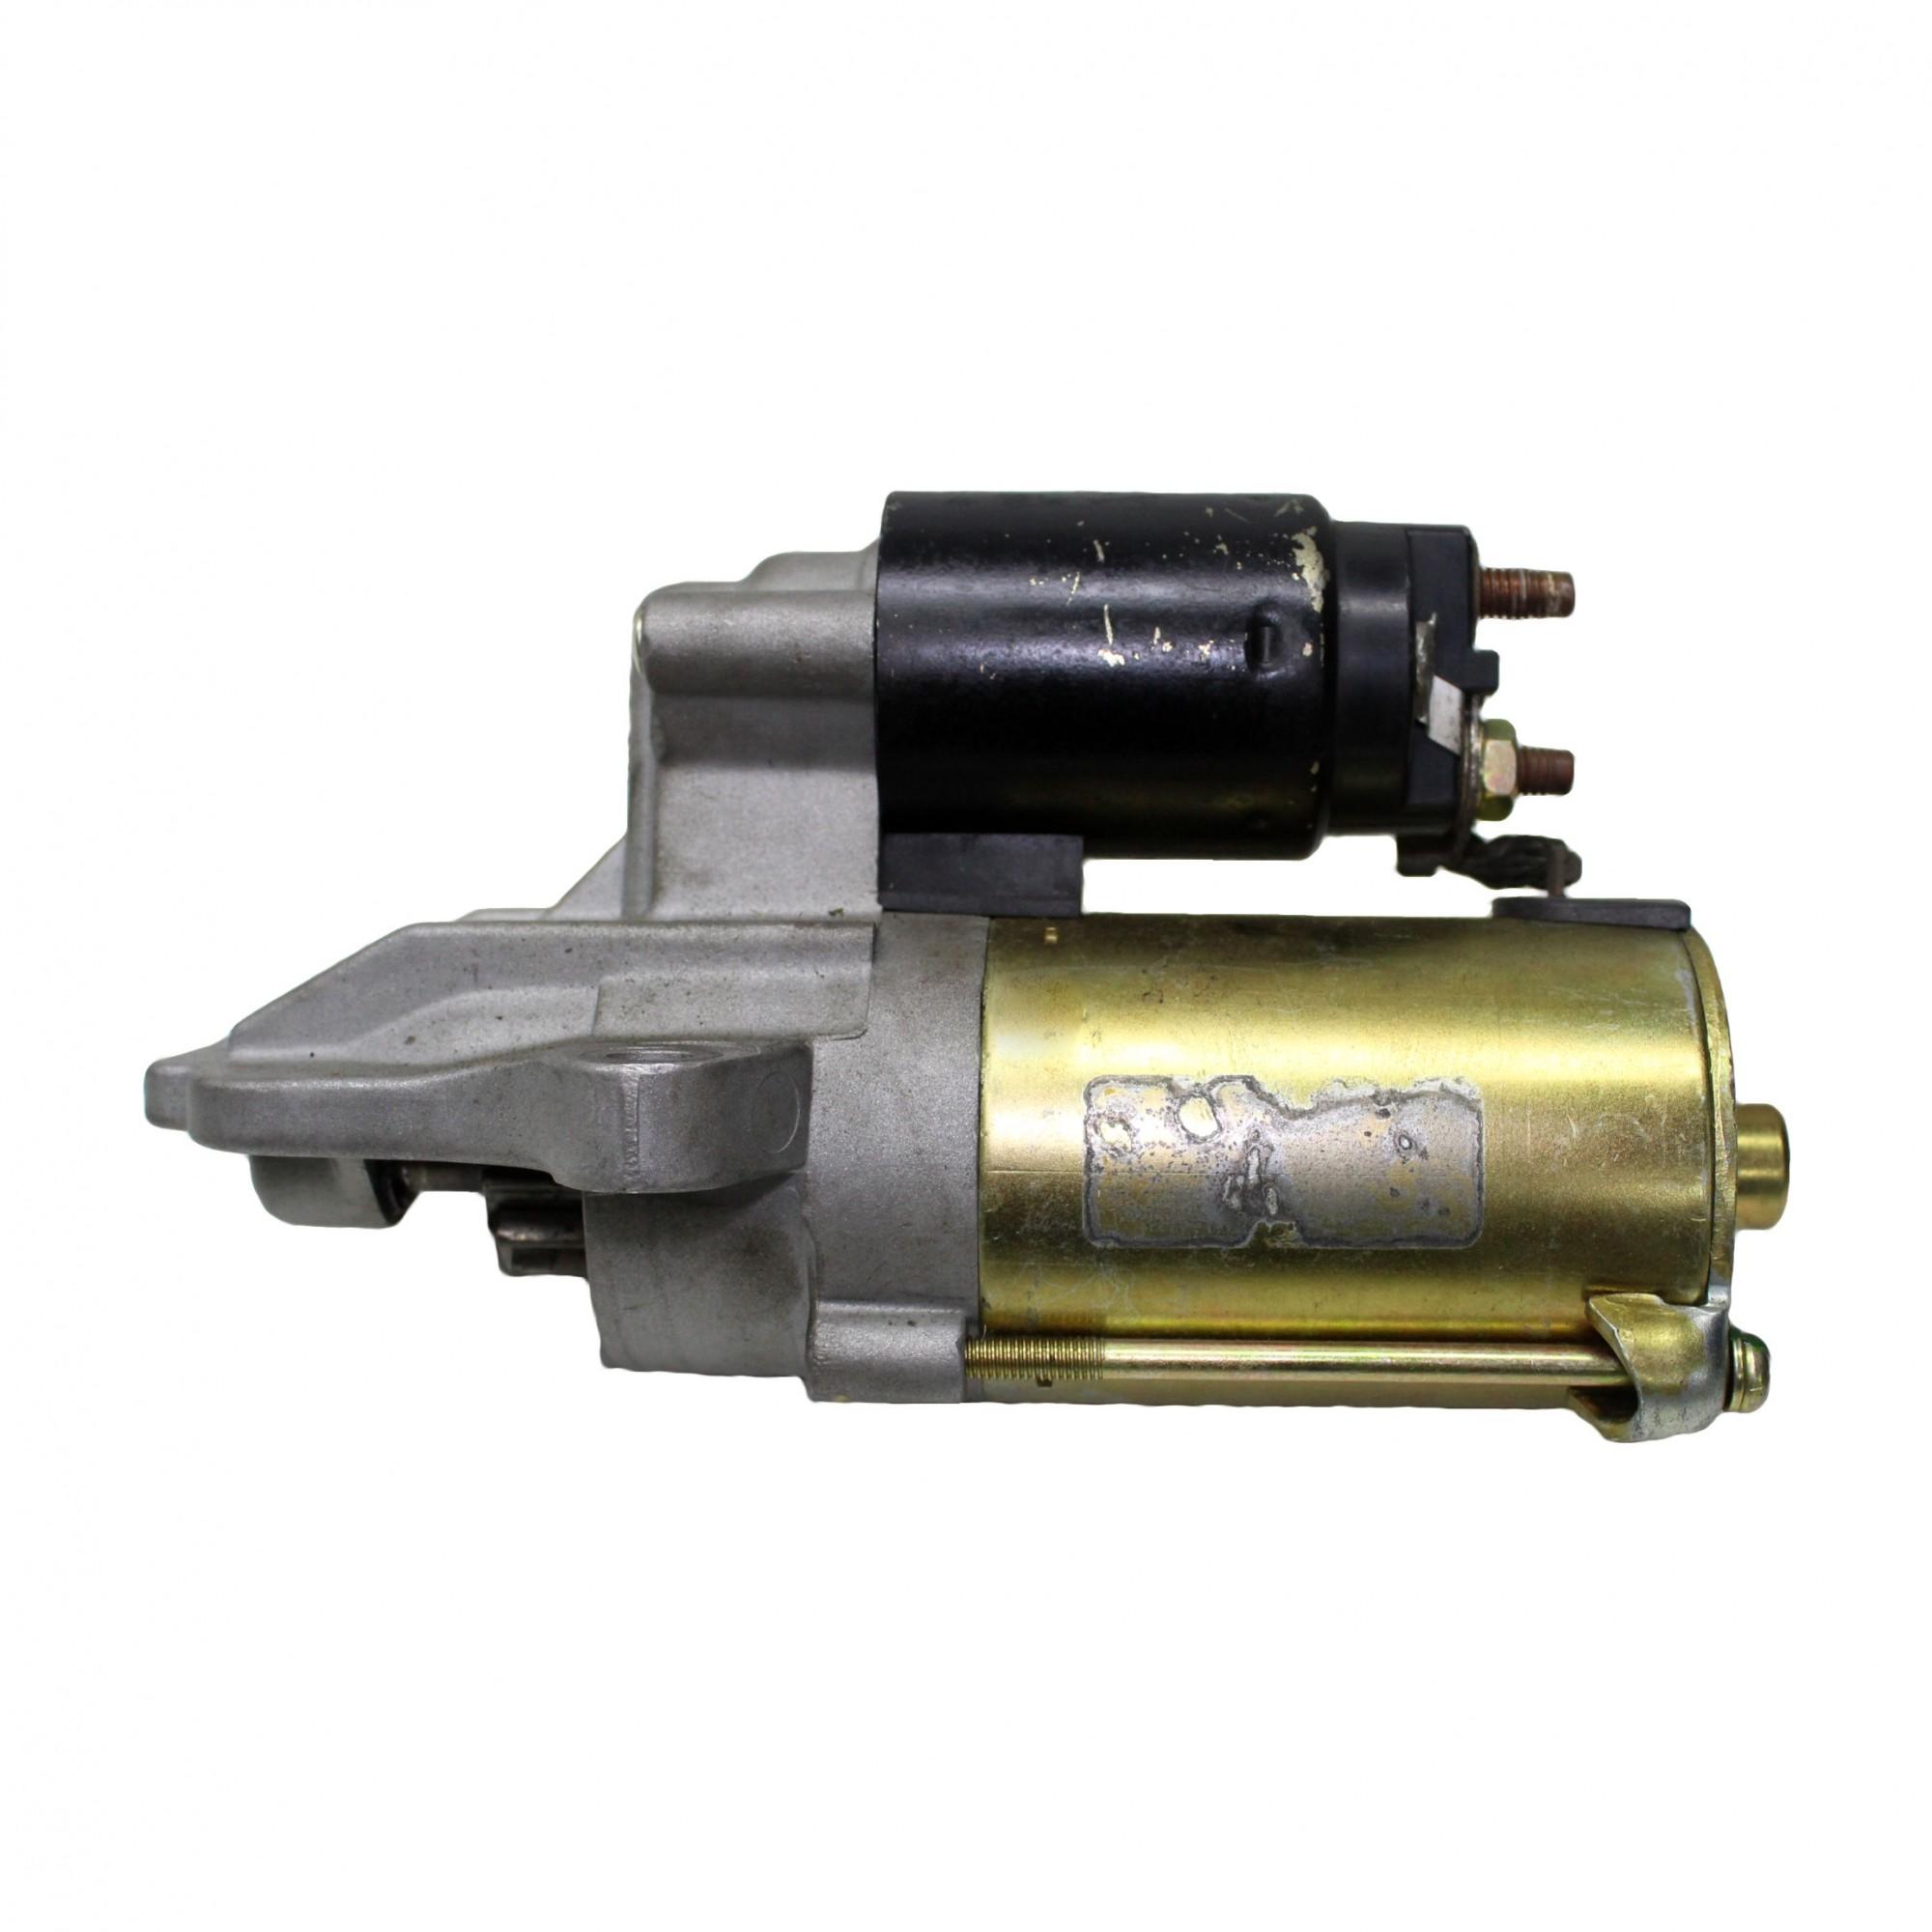 Motor de Arranque Partida Ford Focus 09...13 2.0 Automático AEPJAVPZNIU 11131-BA